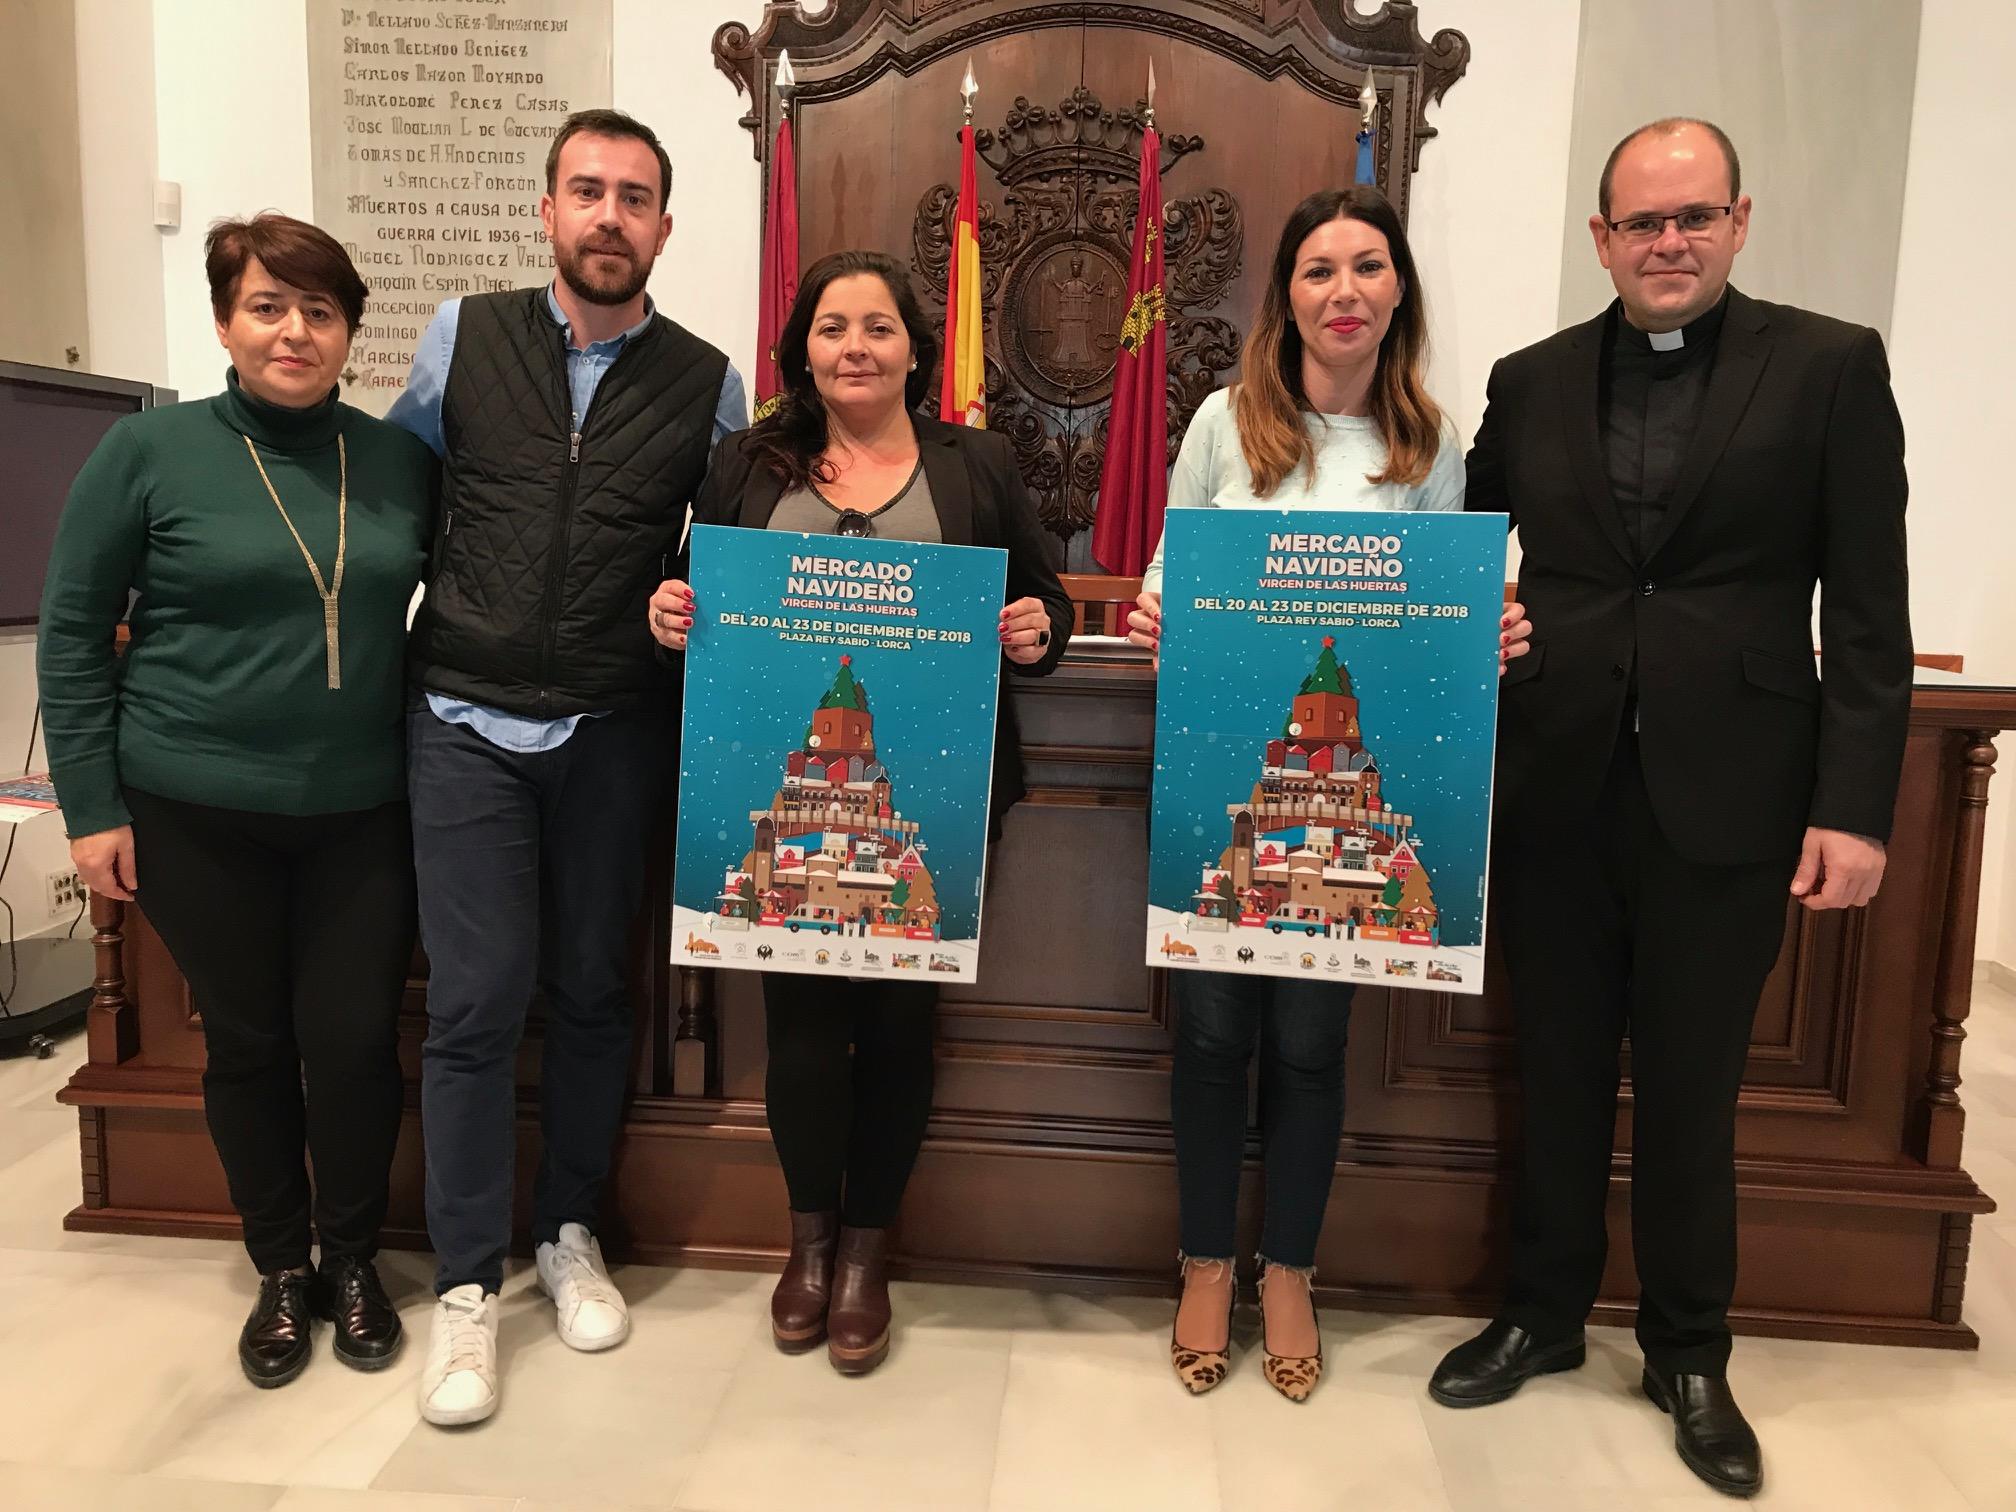 La Plaza del Rey Sabio acoge del 20 al 23 de diciembre un Mercado Navideño en el que participan 40 puestos